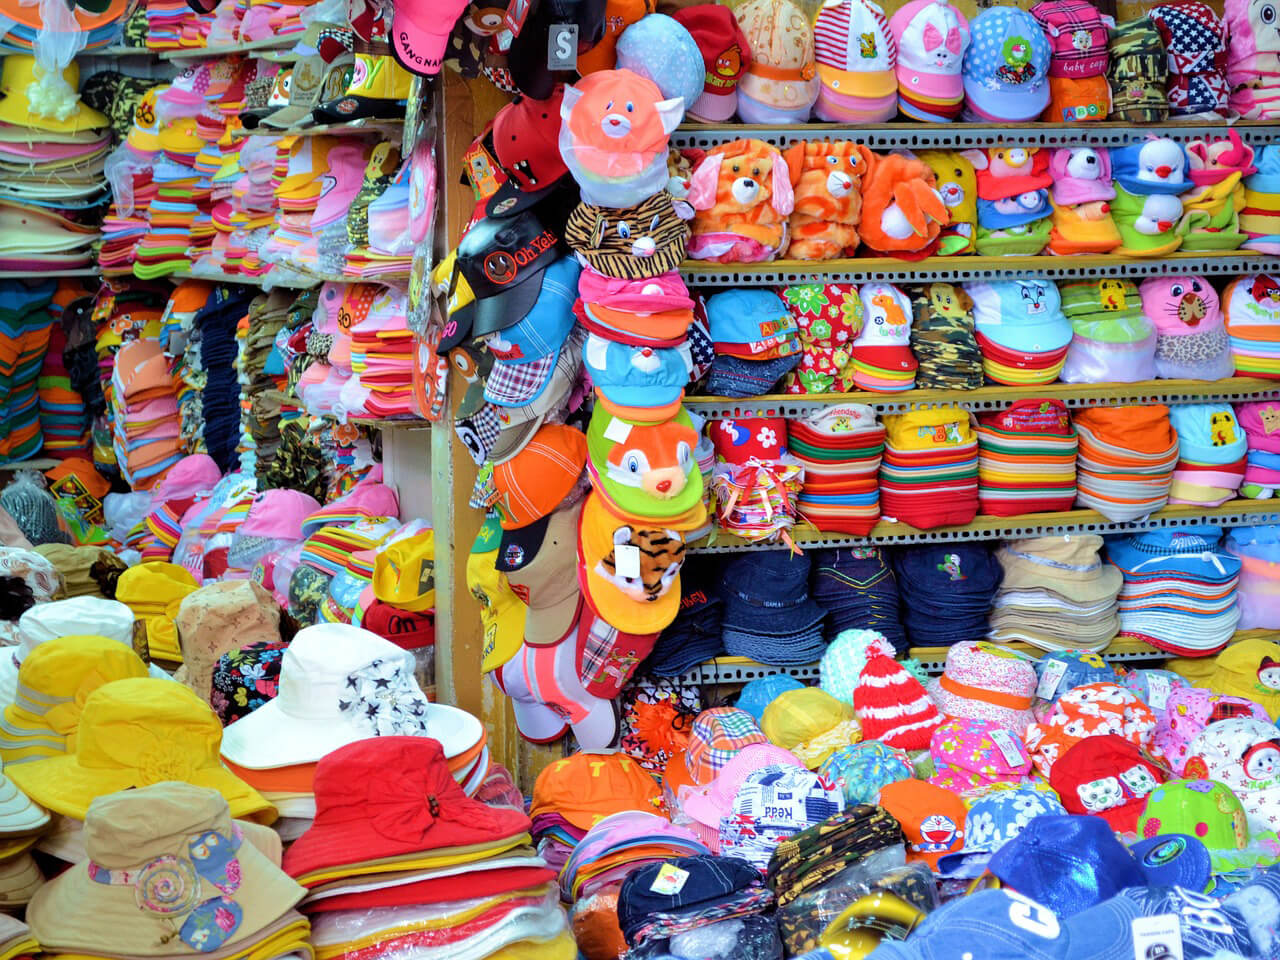 ベトナム:外国の小売業者が国内で許可なく商品を販売している